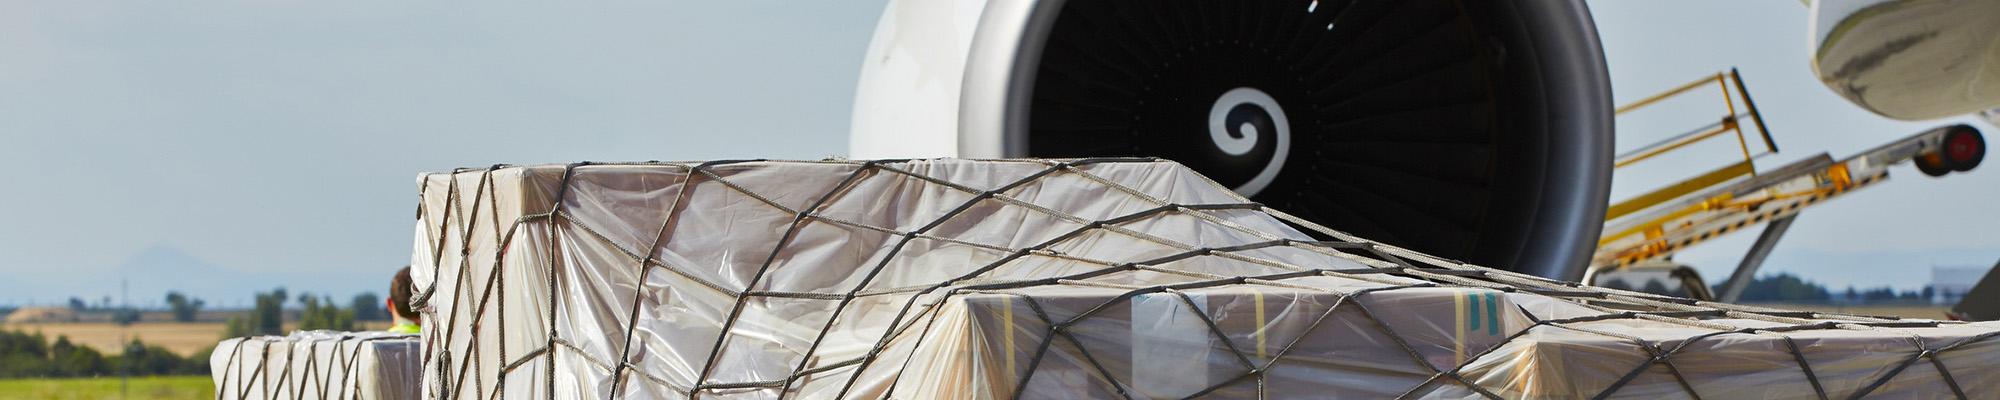 AM Group est spécialiste du transport aérien